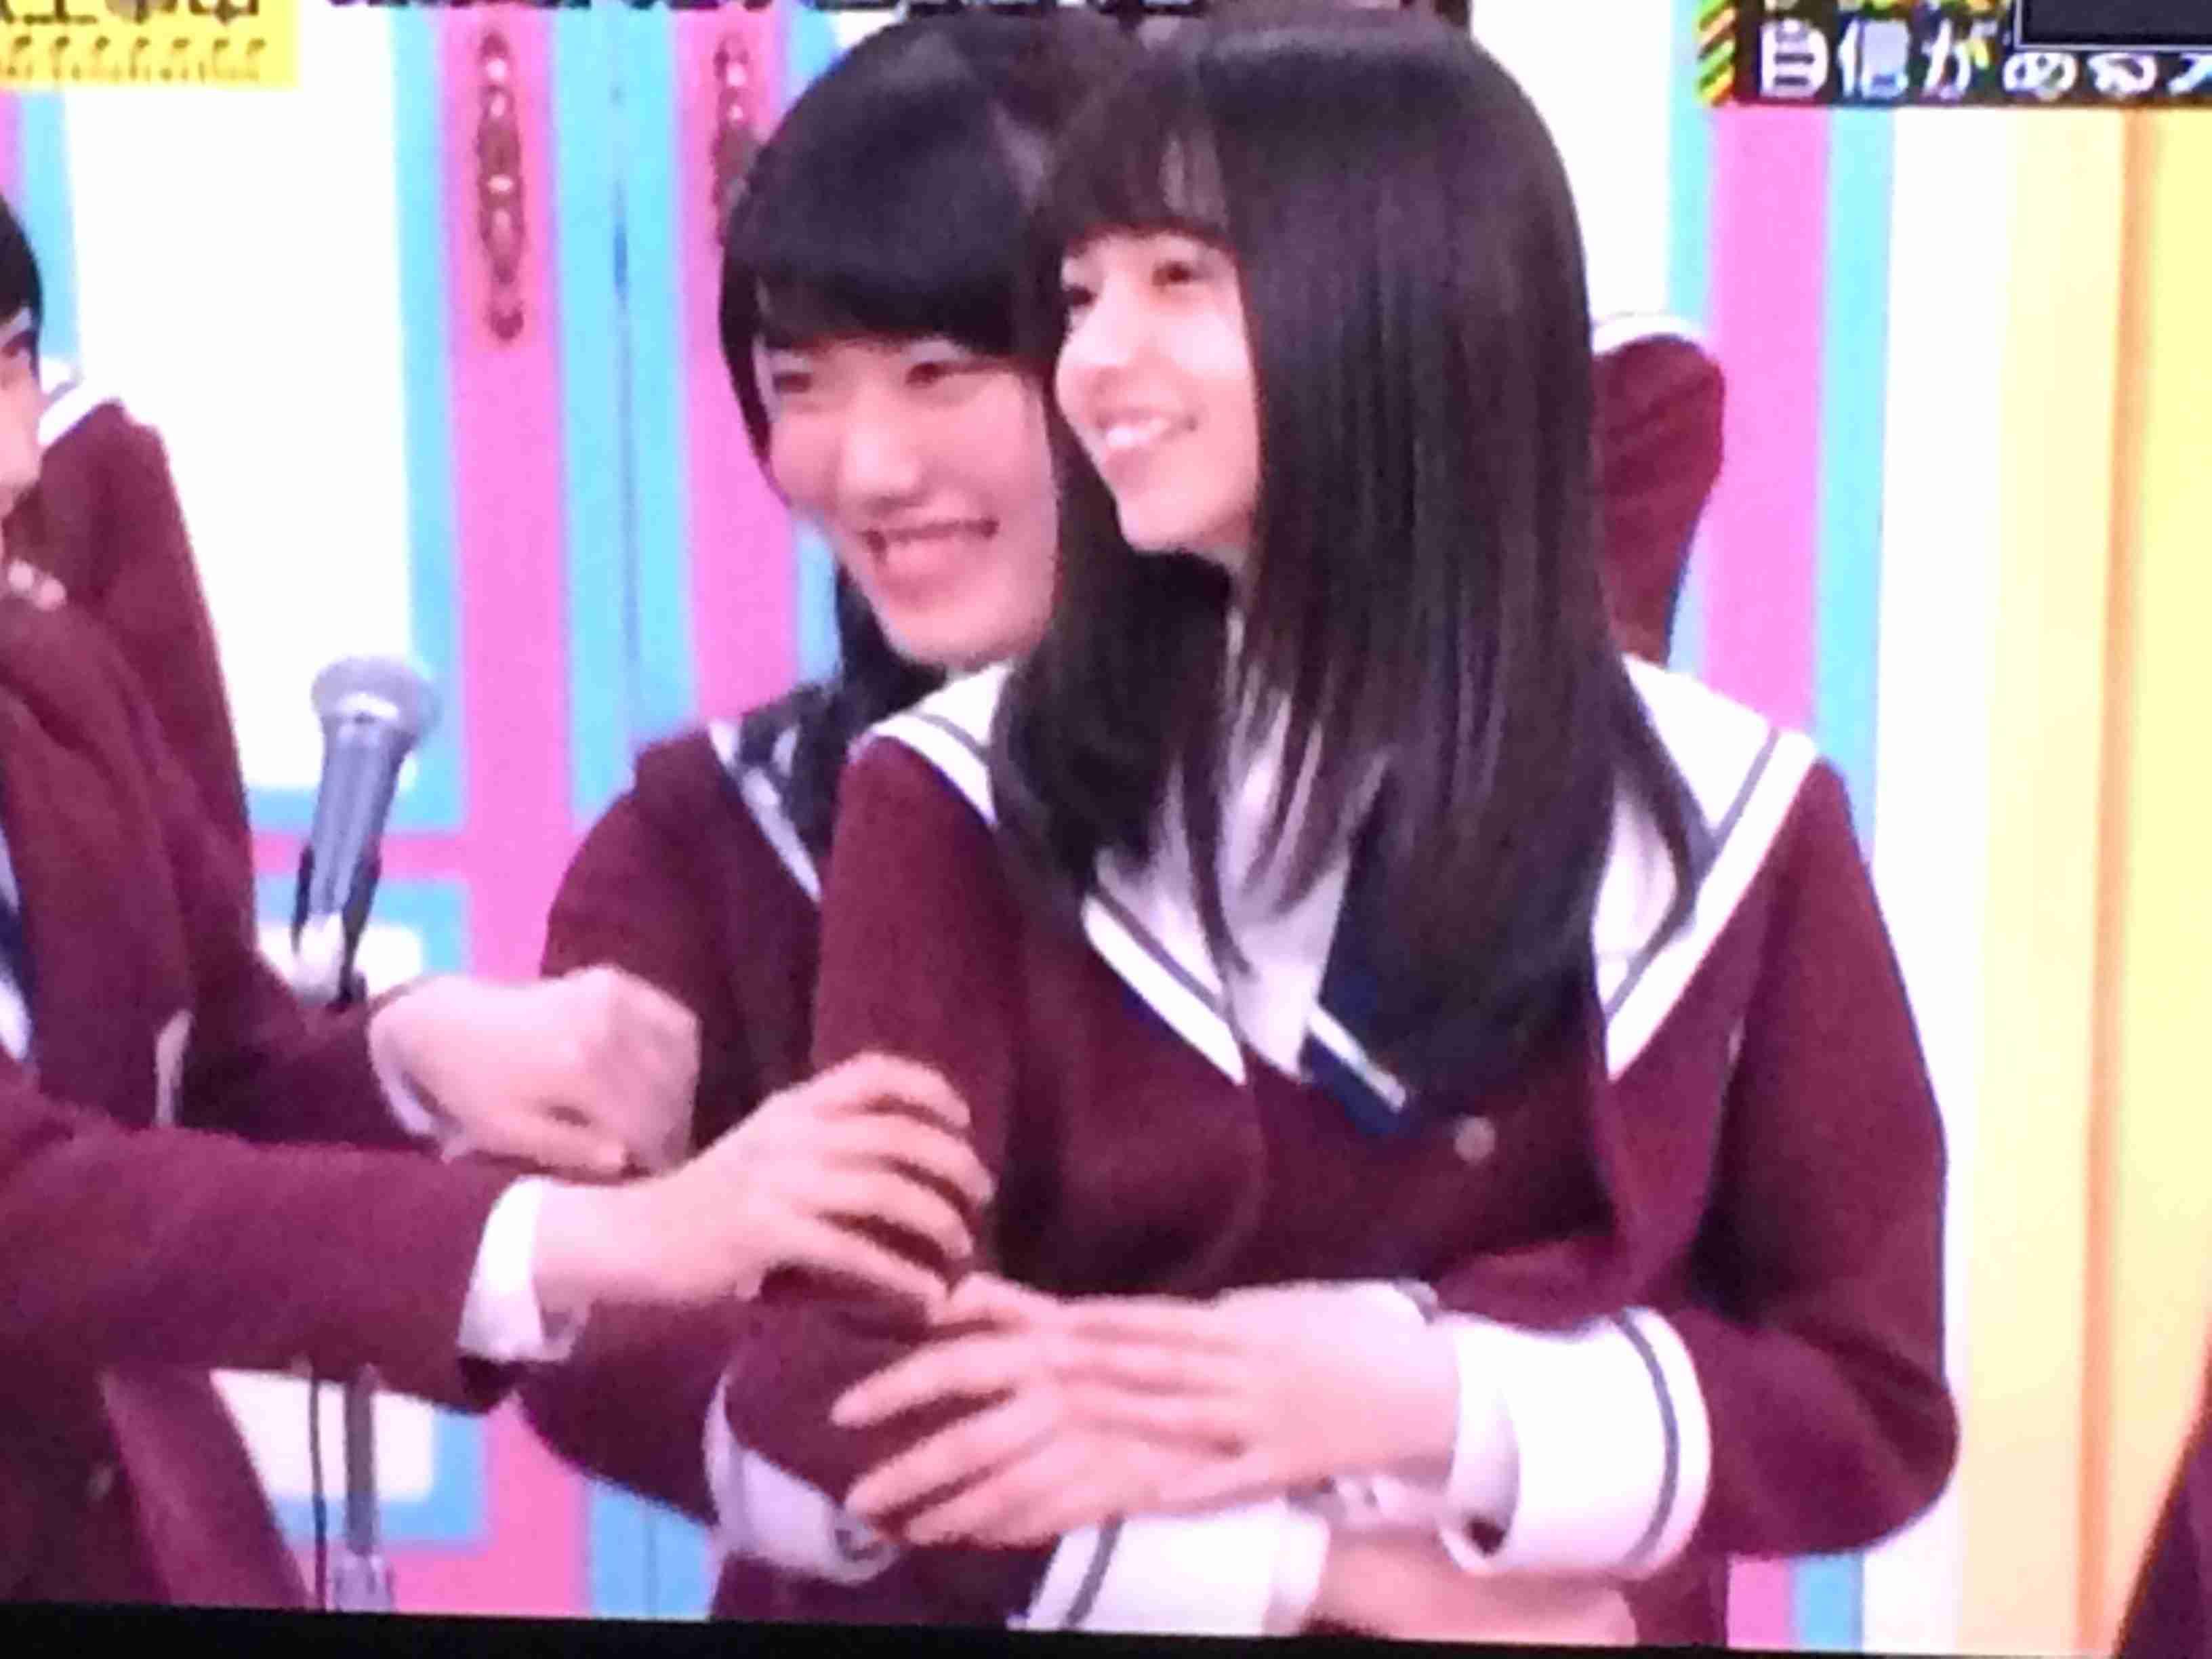 SKE48の須田亜香里がポロリ「整形しているメンバーもいる」